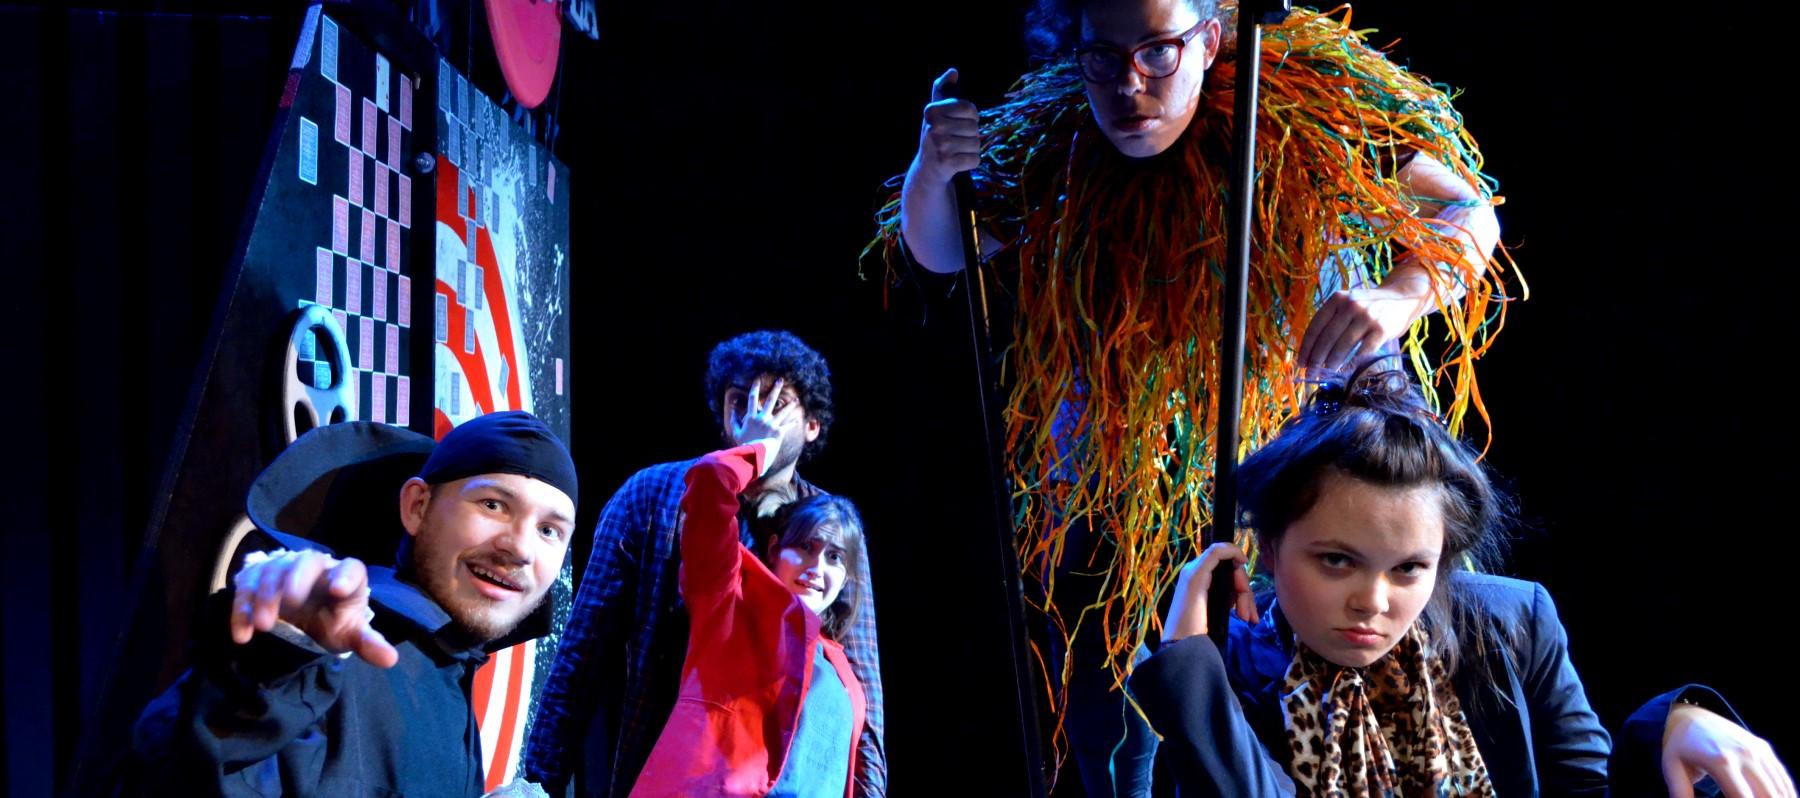 'La fira invisible' d'Escena Erasmus arriba este dijous a Ontinyent dins de la nova programació 'Cultura de barri'